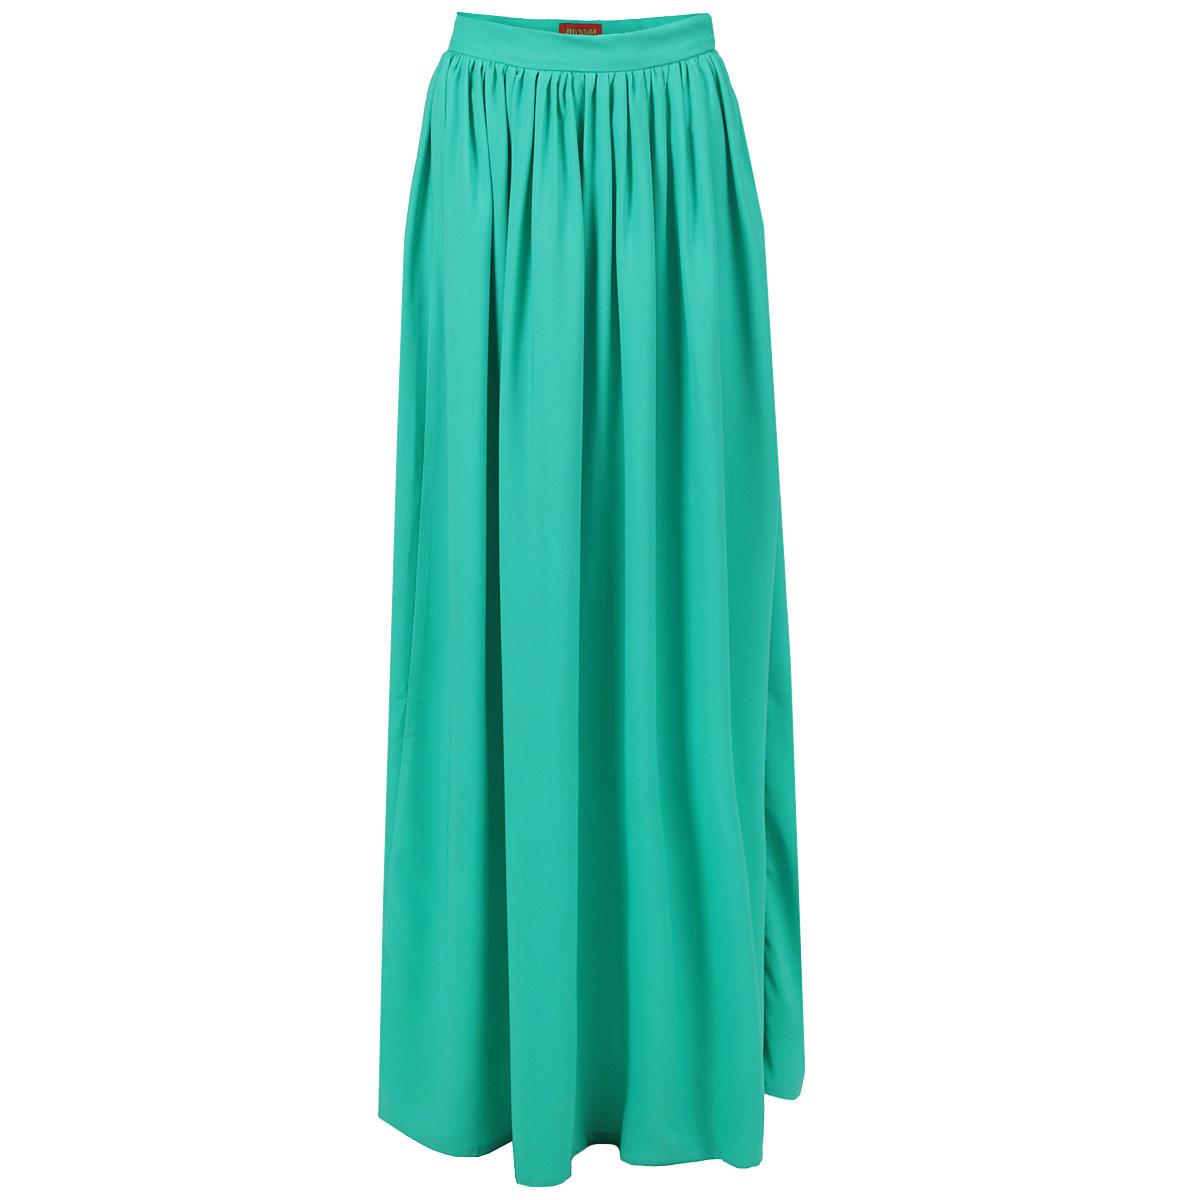 U02S-IМодная струящаяся юбка от Анны Чапман, изготовленная из высококачественного материала, очень мягкая на ощупь, не раздражает даже самую нежную и чувствительную кожу и хорошо вентилируется. Модель макси длины на широком поясе. Юбка застегивается сбоку на потайную молнию. В таком наряде вы, безусловно, привлечете восхищенные взгляды окружающих.